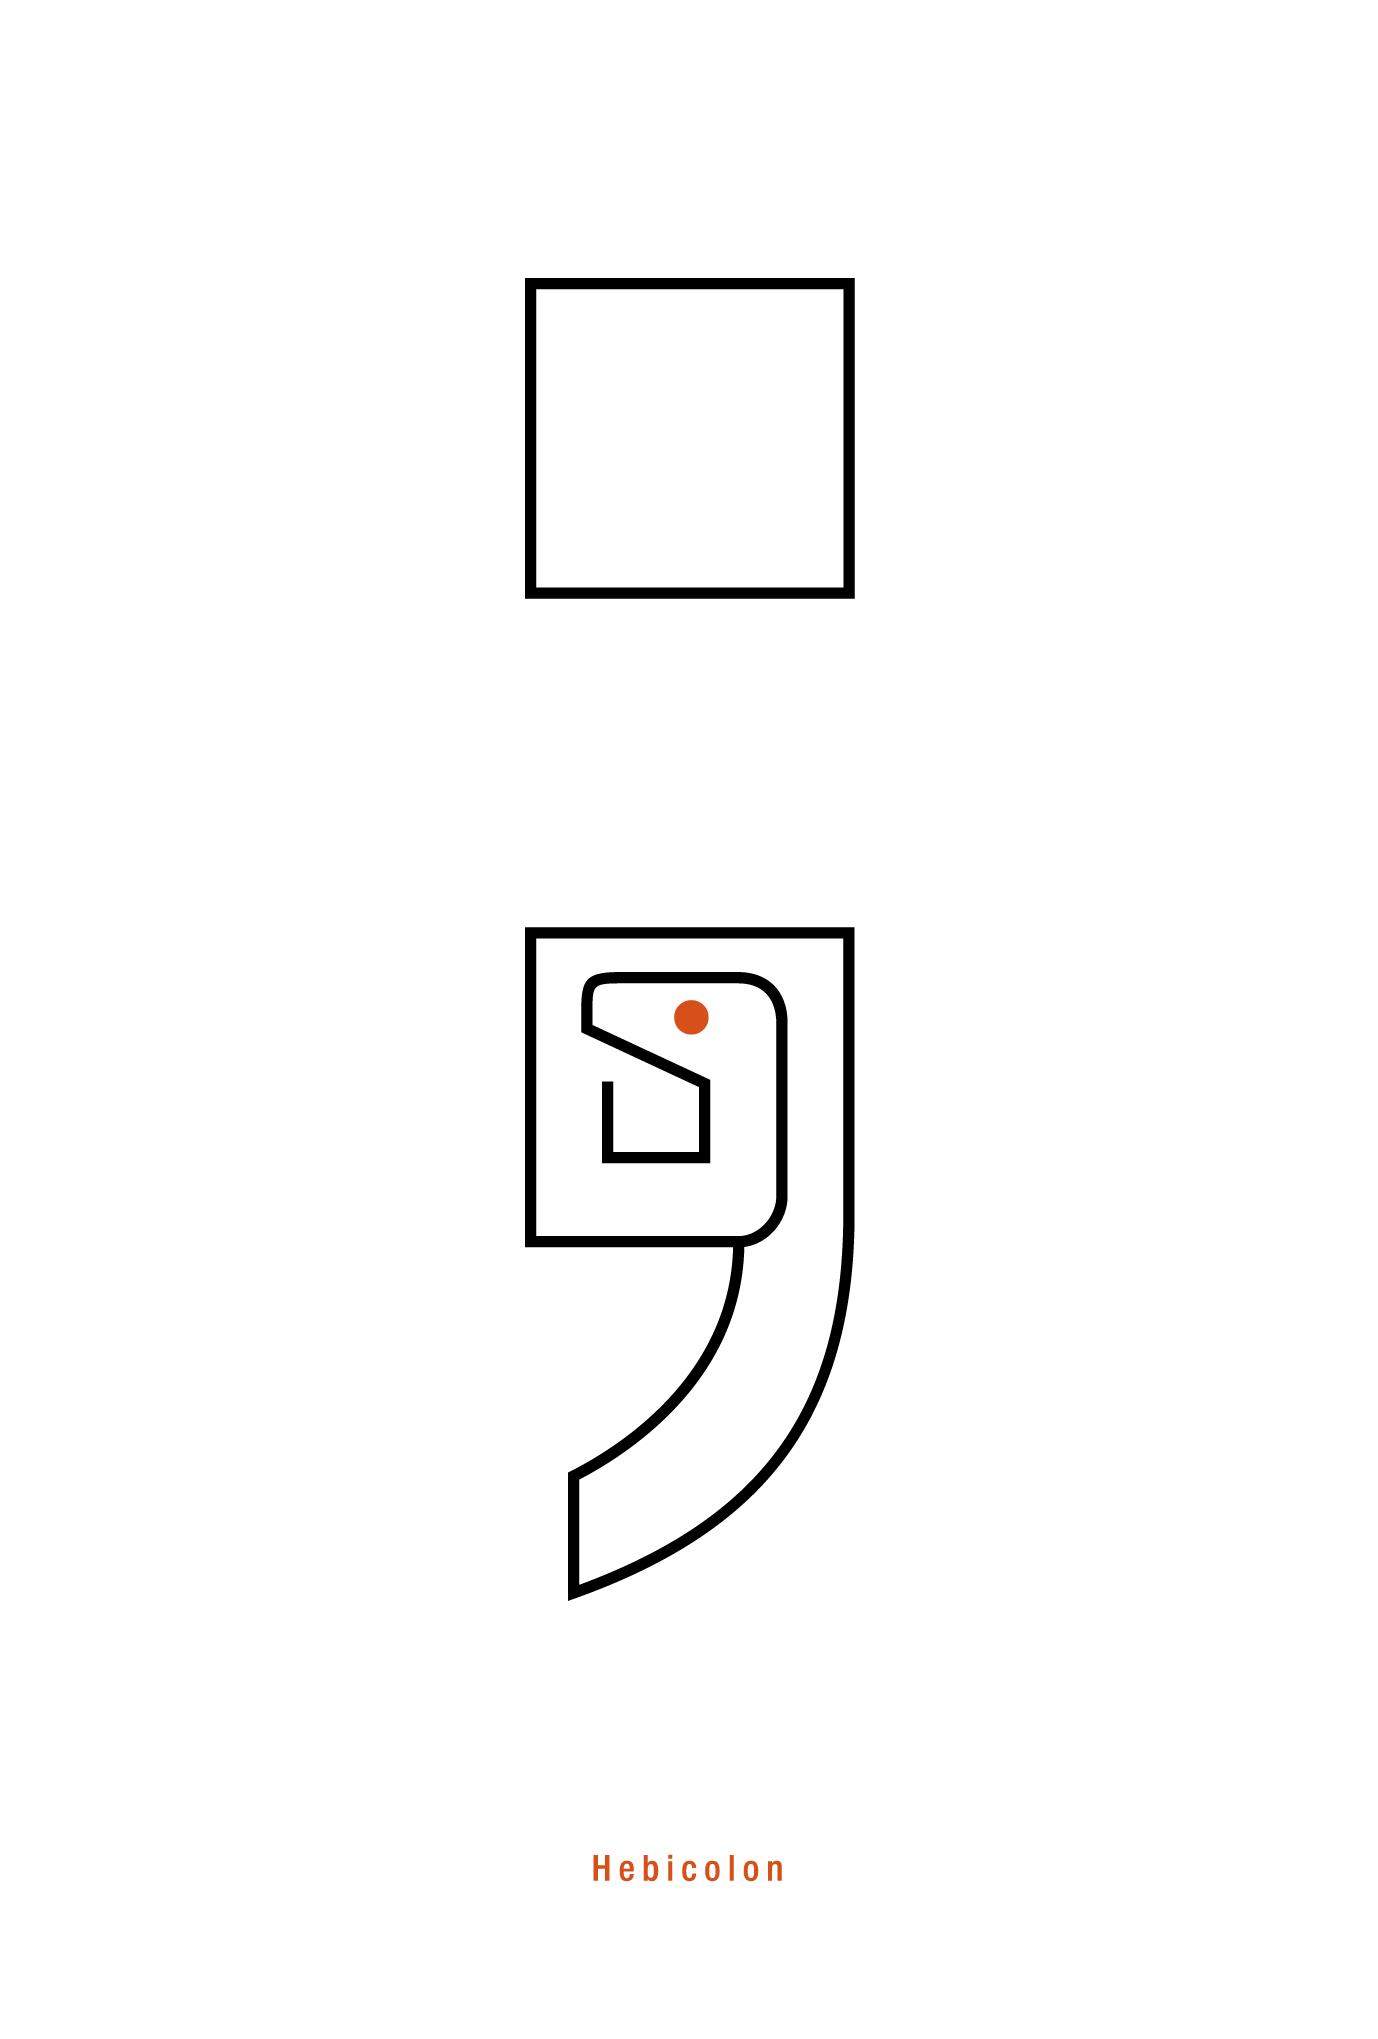 2013年賀状12-3:Semicolon ; Hebicolon / 3のダウンロード画像